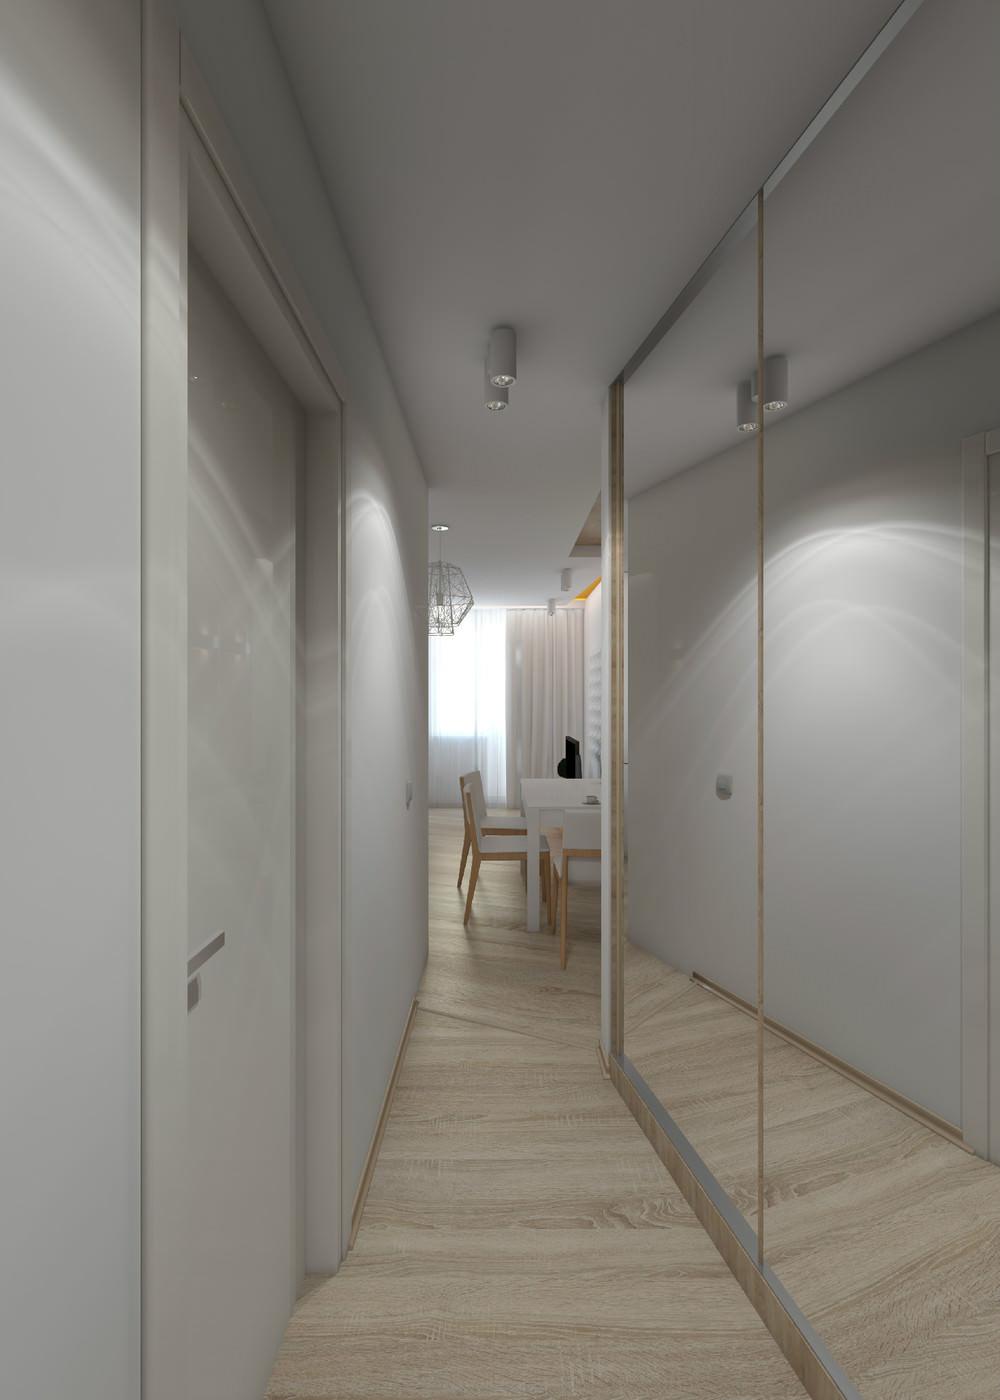 dizajn-uzkoj-kvartiry-studii-27-metrov6